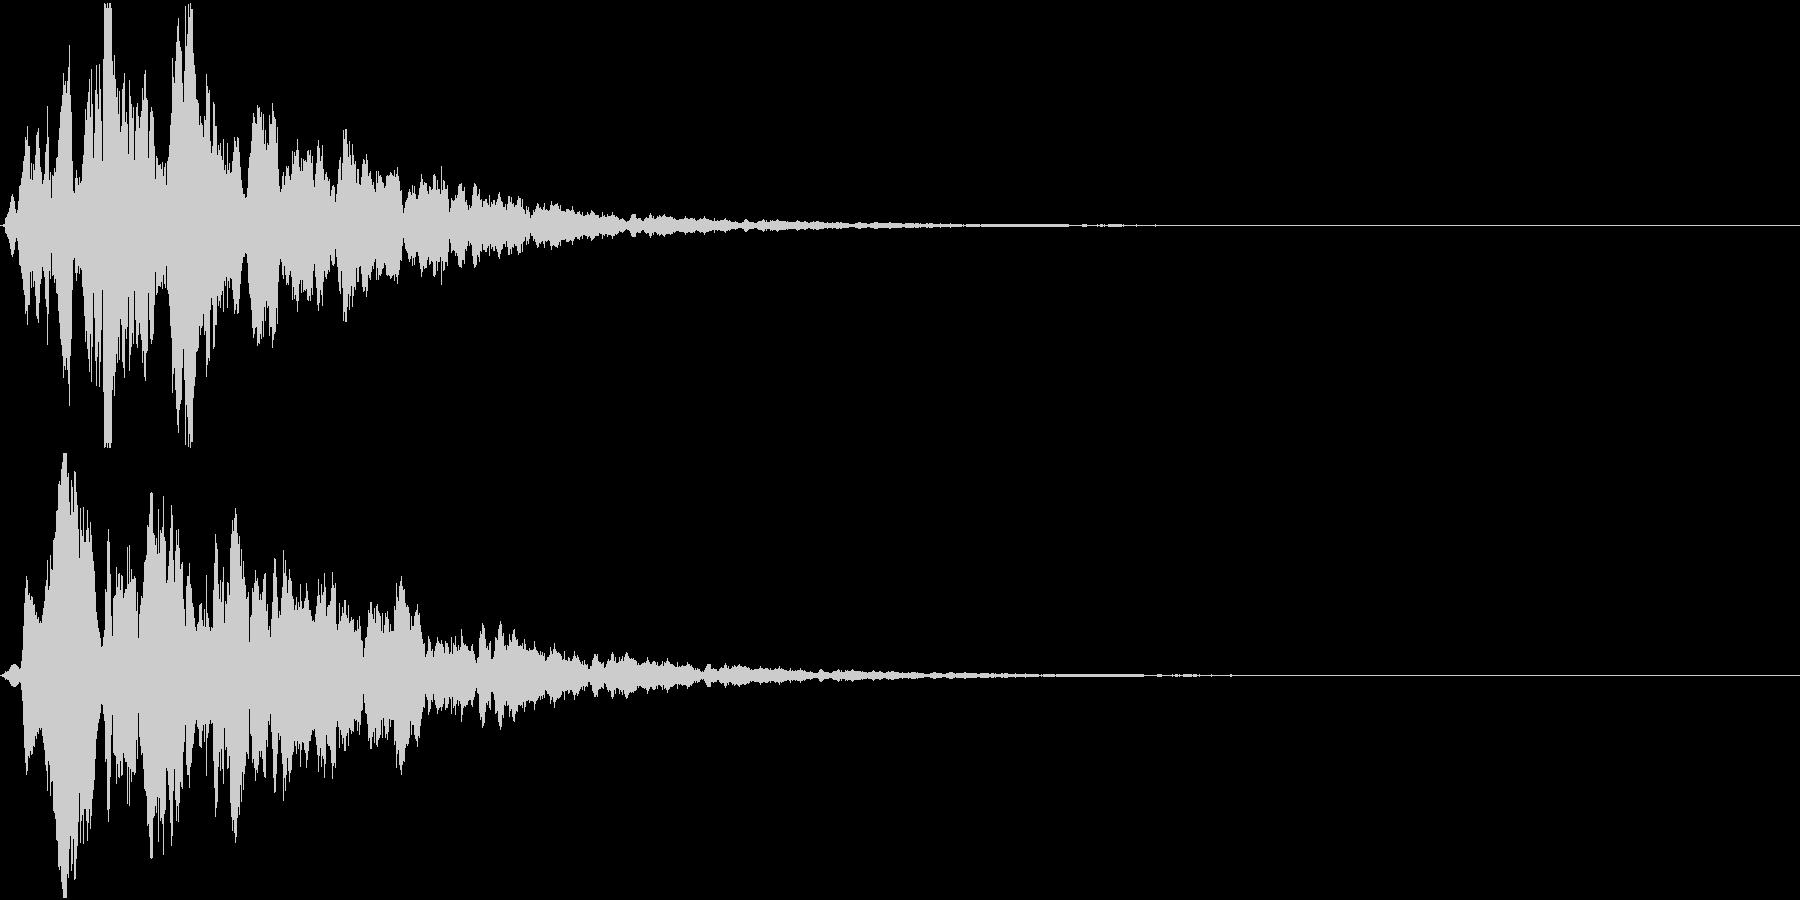 Hint 閃き 点と線が繋がる SEの未再生の波形